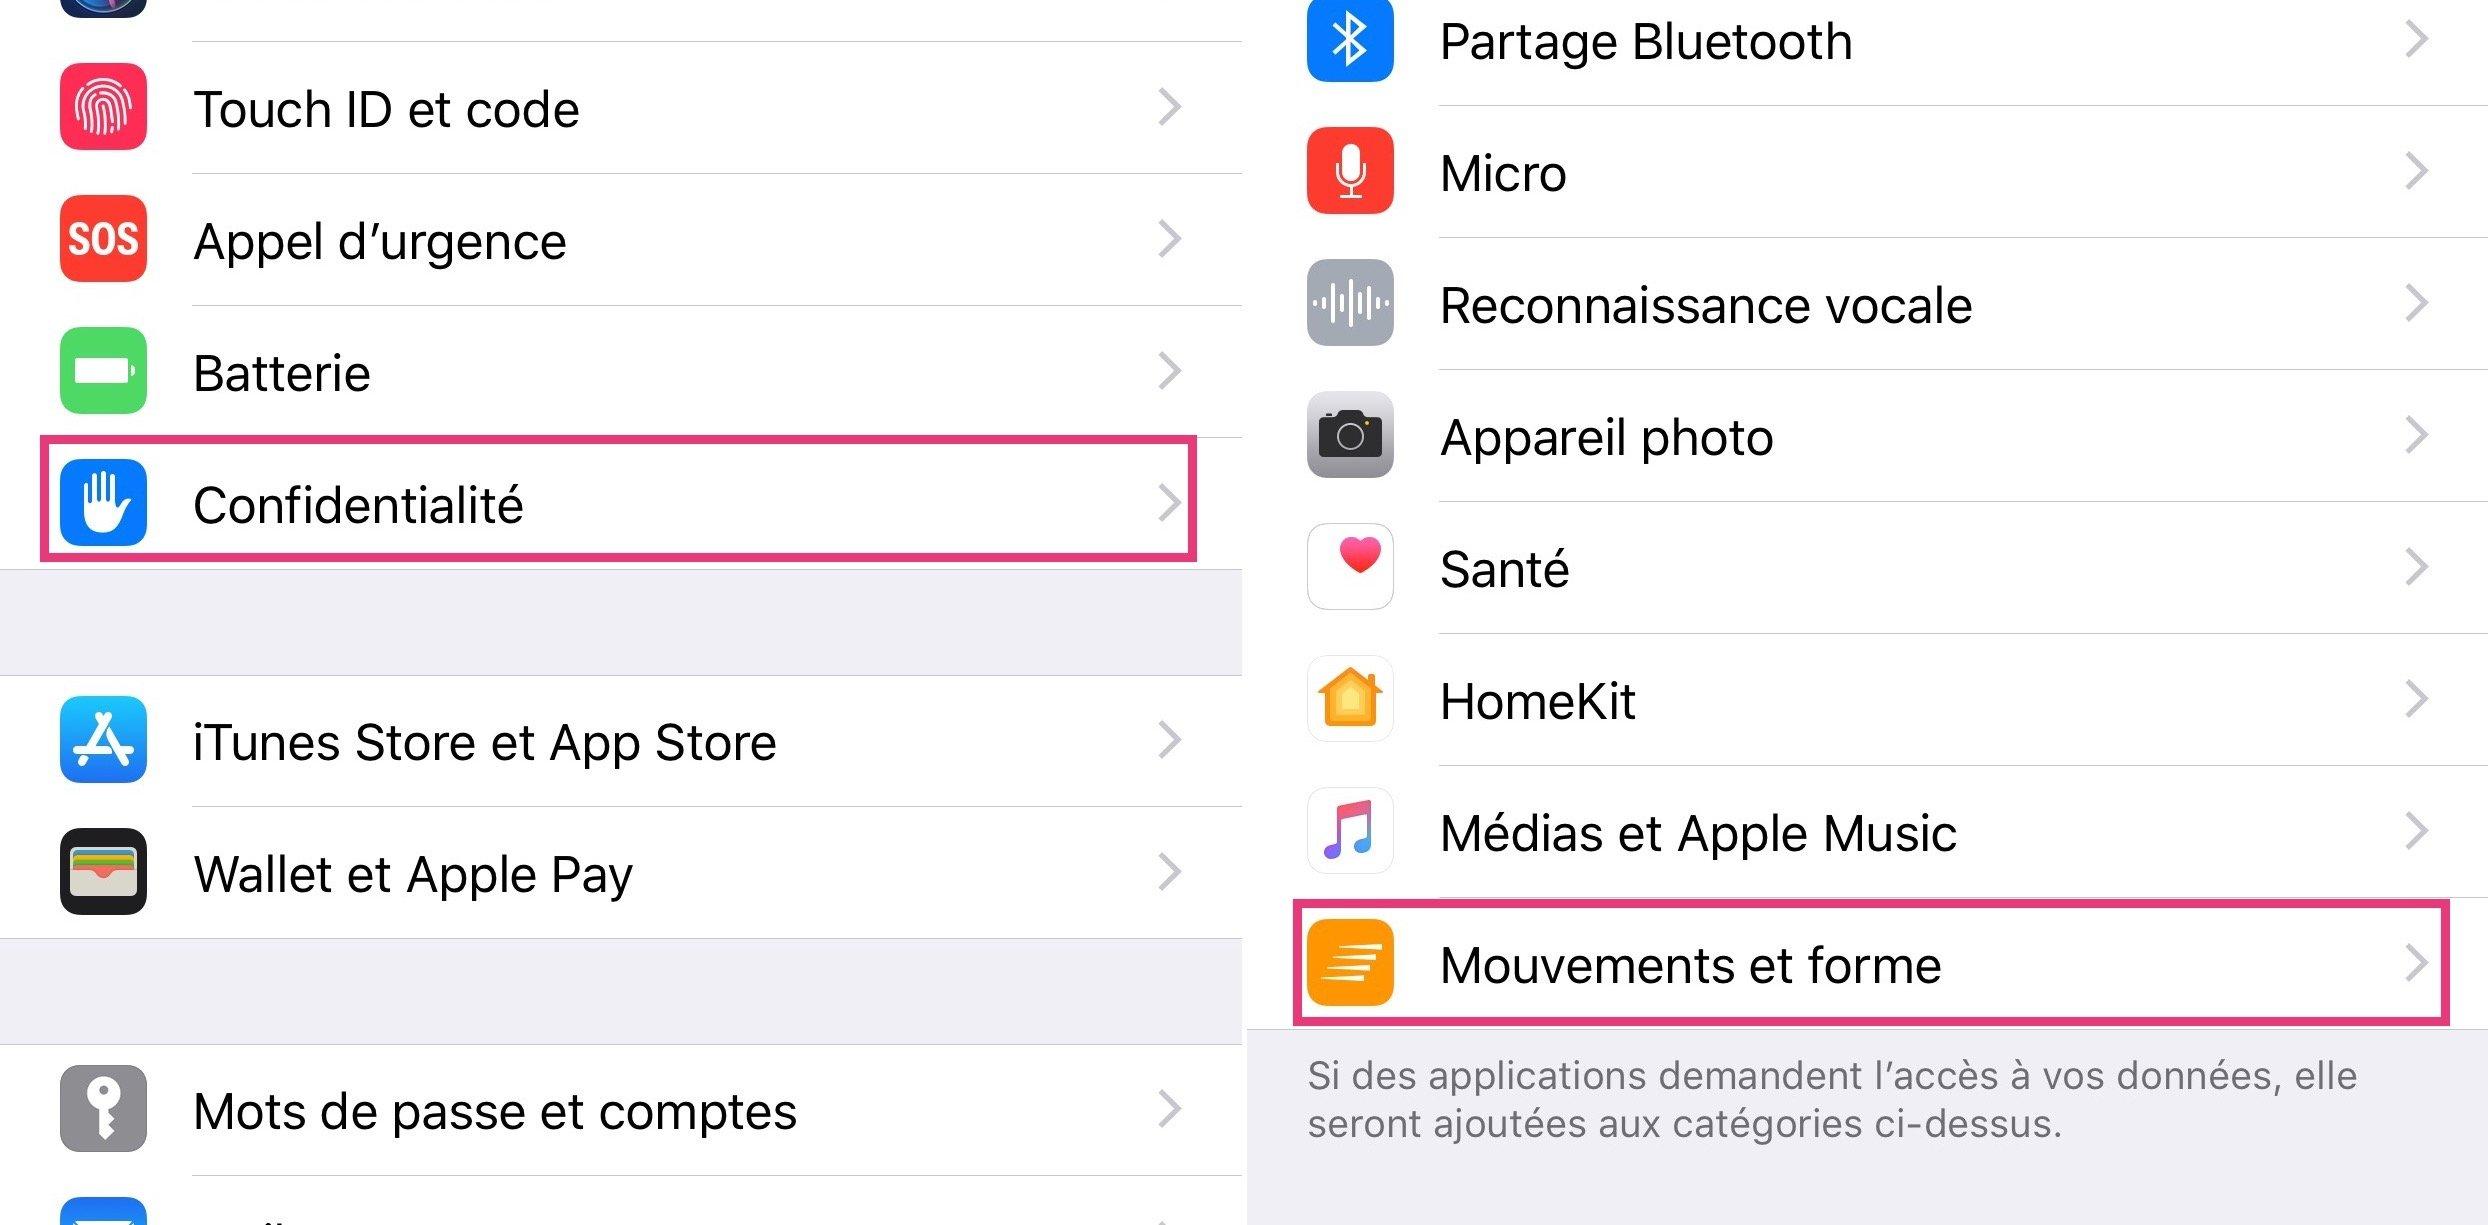 Tutoriel iOS : comment utiliser l'appli Santé pour le comptage des pas, distances et étages, sans accessoire ni appli tierce (Màj 2018) 1